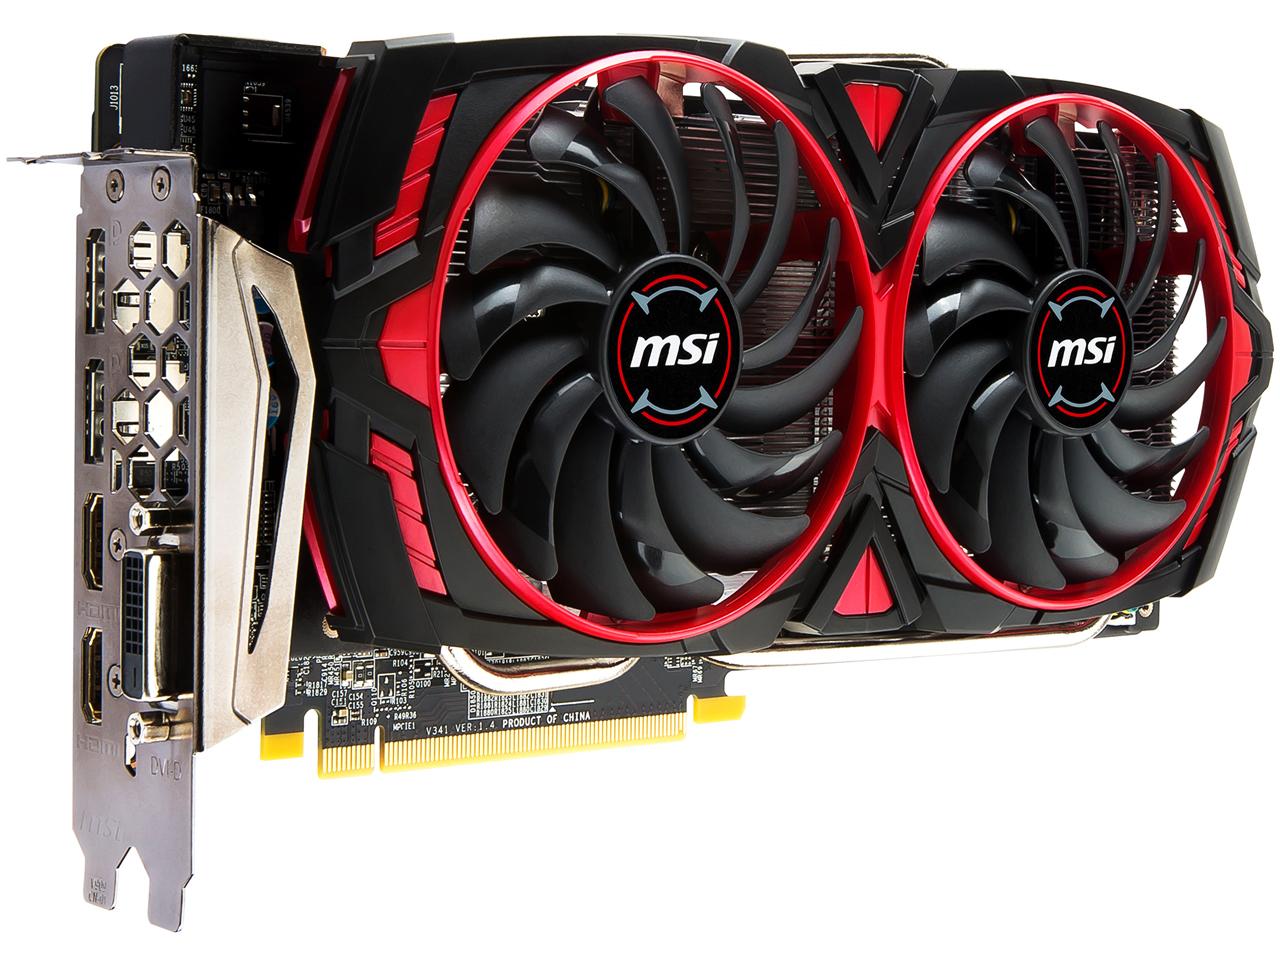 『本体4』 Radeon RX 580 ARMOR MK2 8G OC [PCIExp 8GB] の製品画像